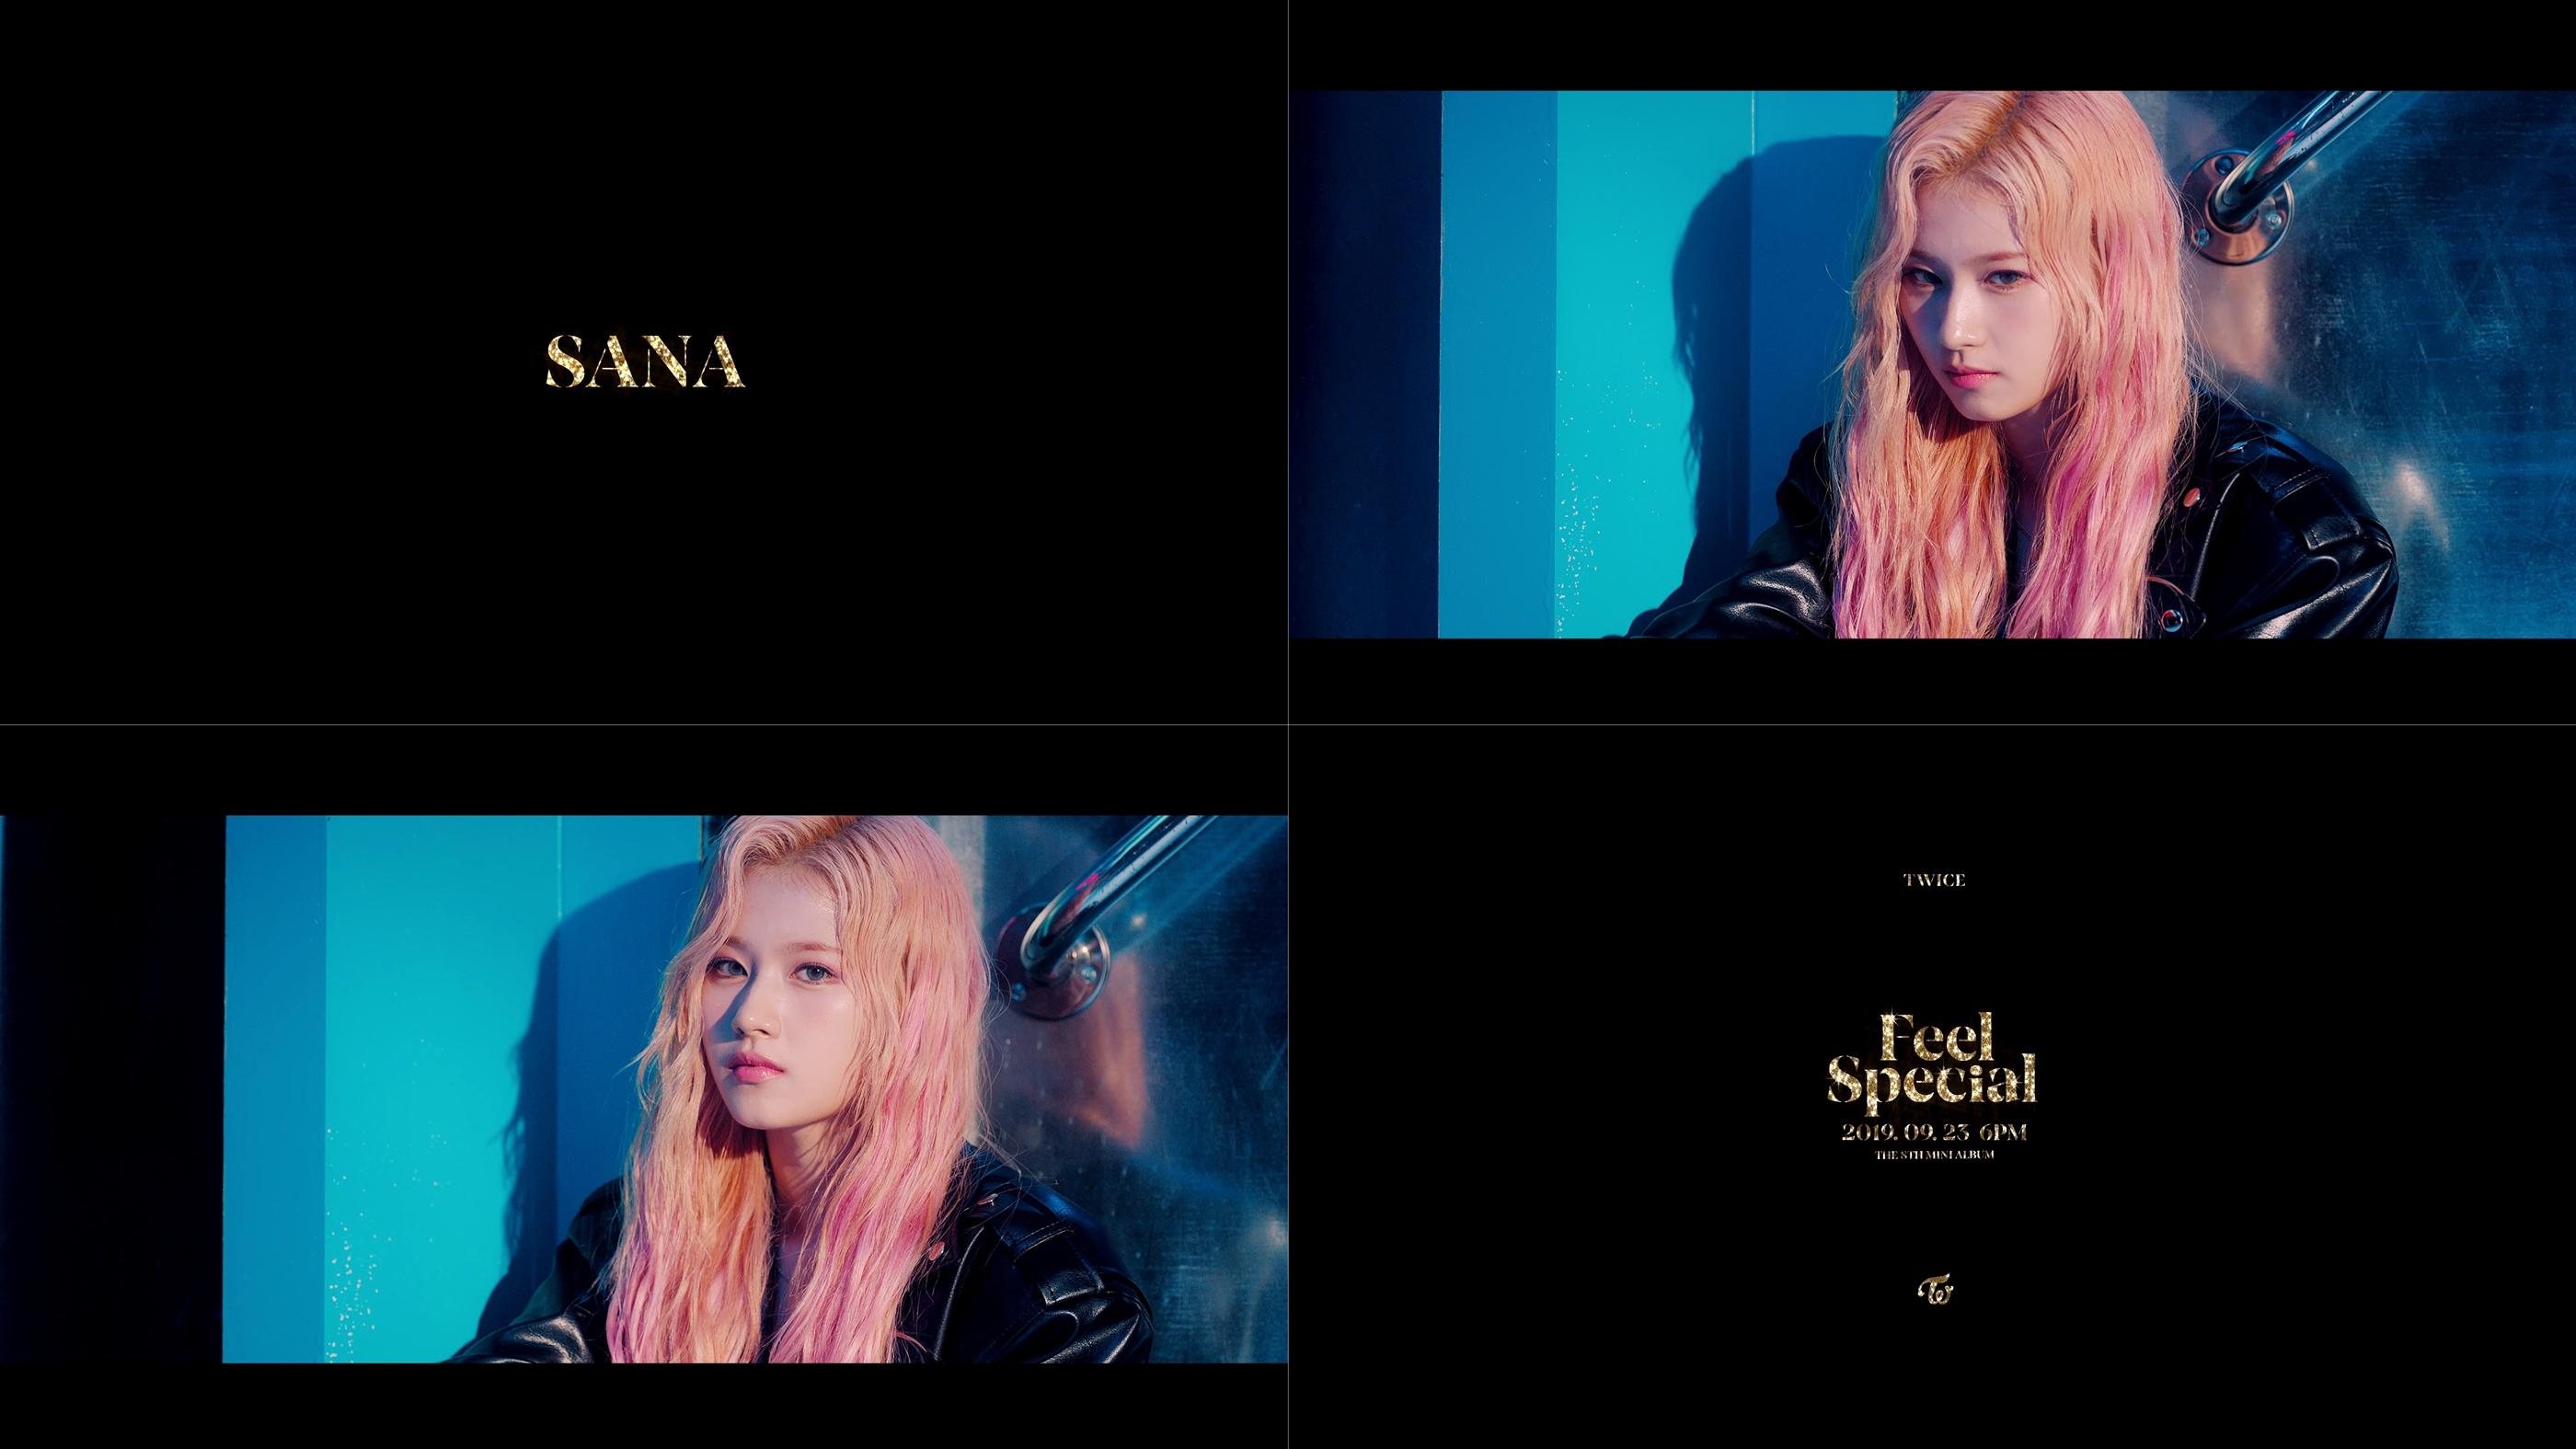 트와이스 사나, 신곡 'Feel Special' 티저서 비현실적 인형 비주얼 자랑